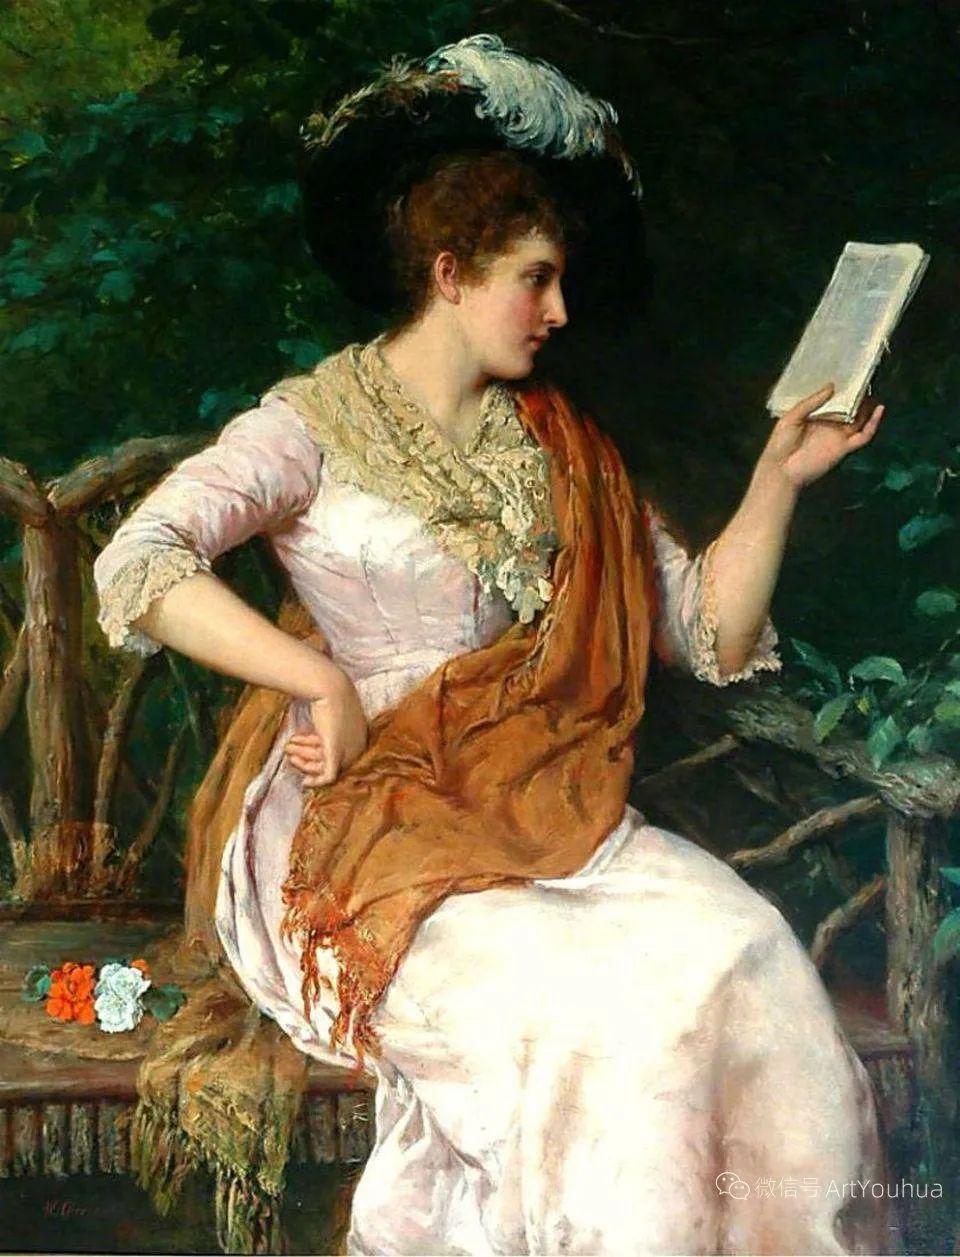 纯情与美丽,英国画家威廉·奥利弗作品选插图89